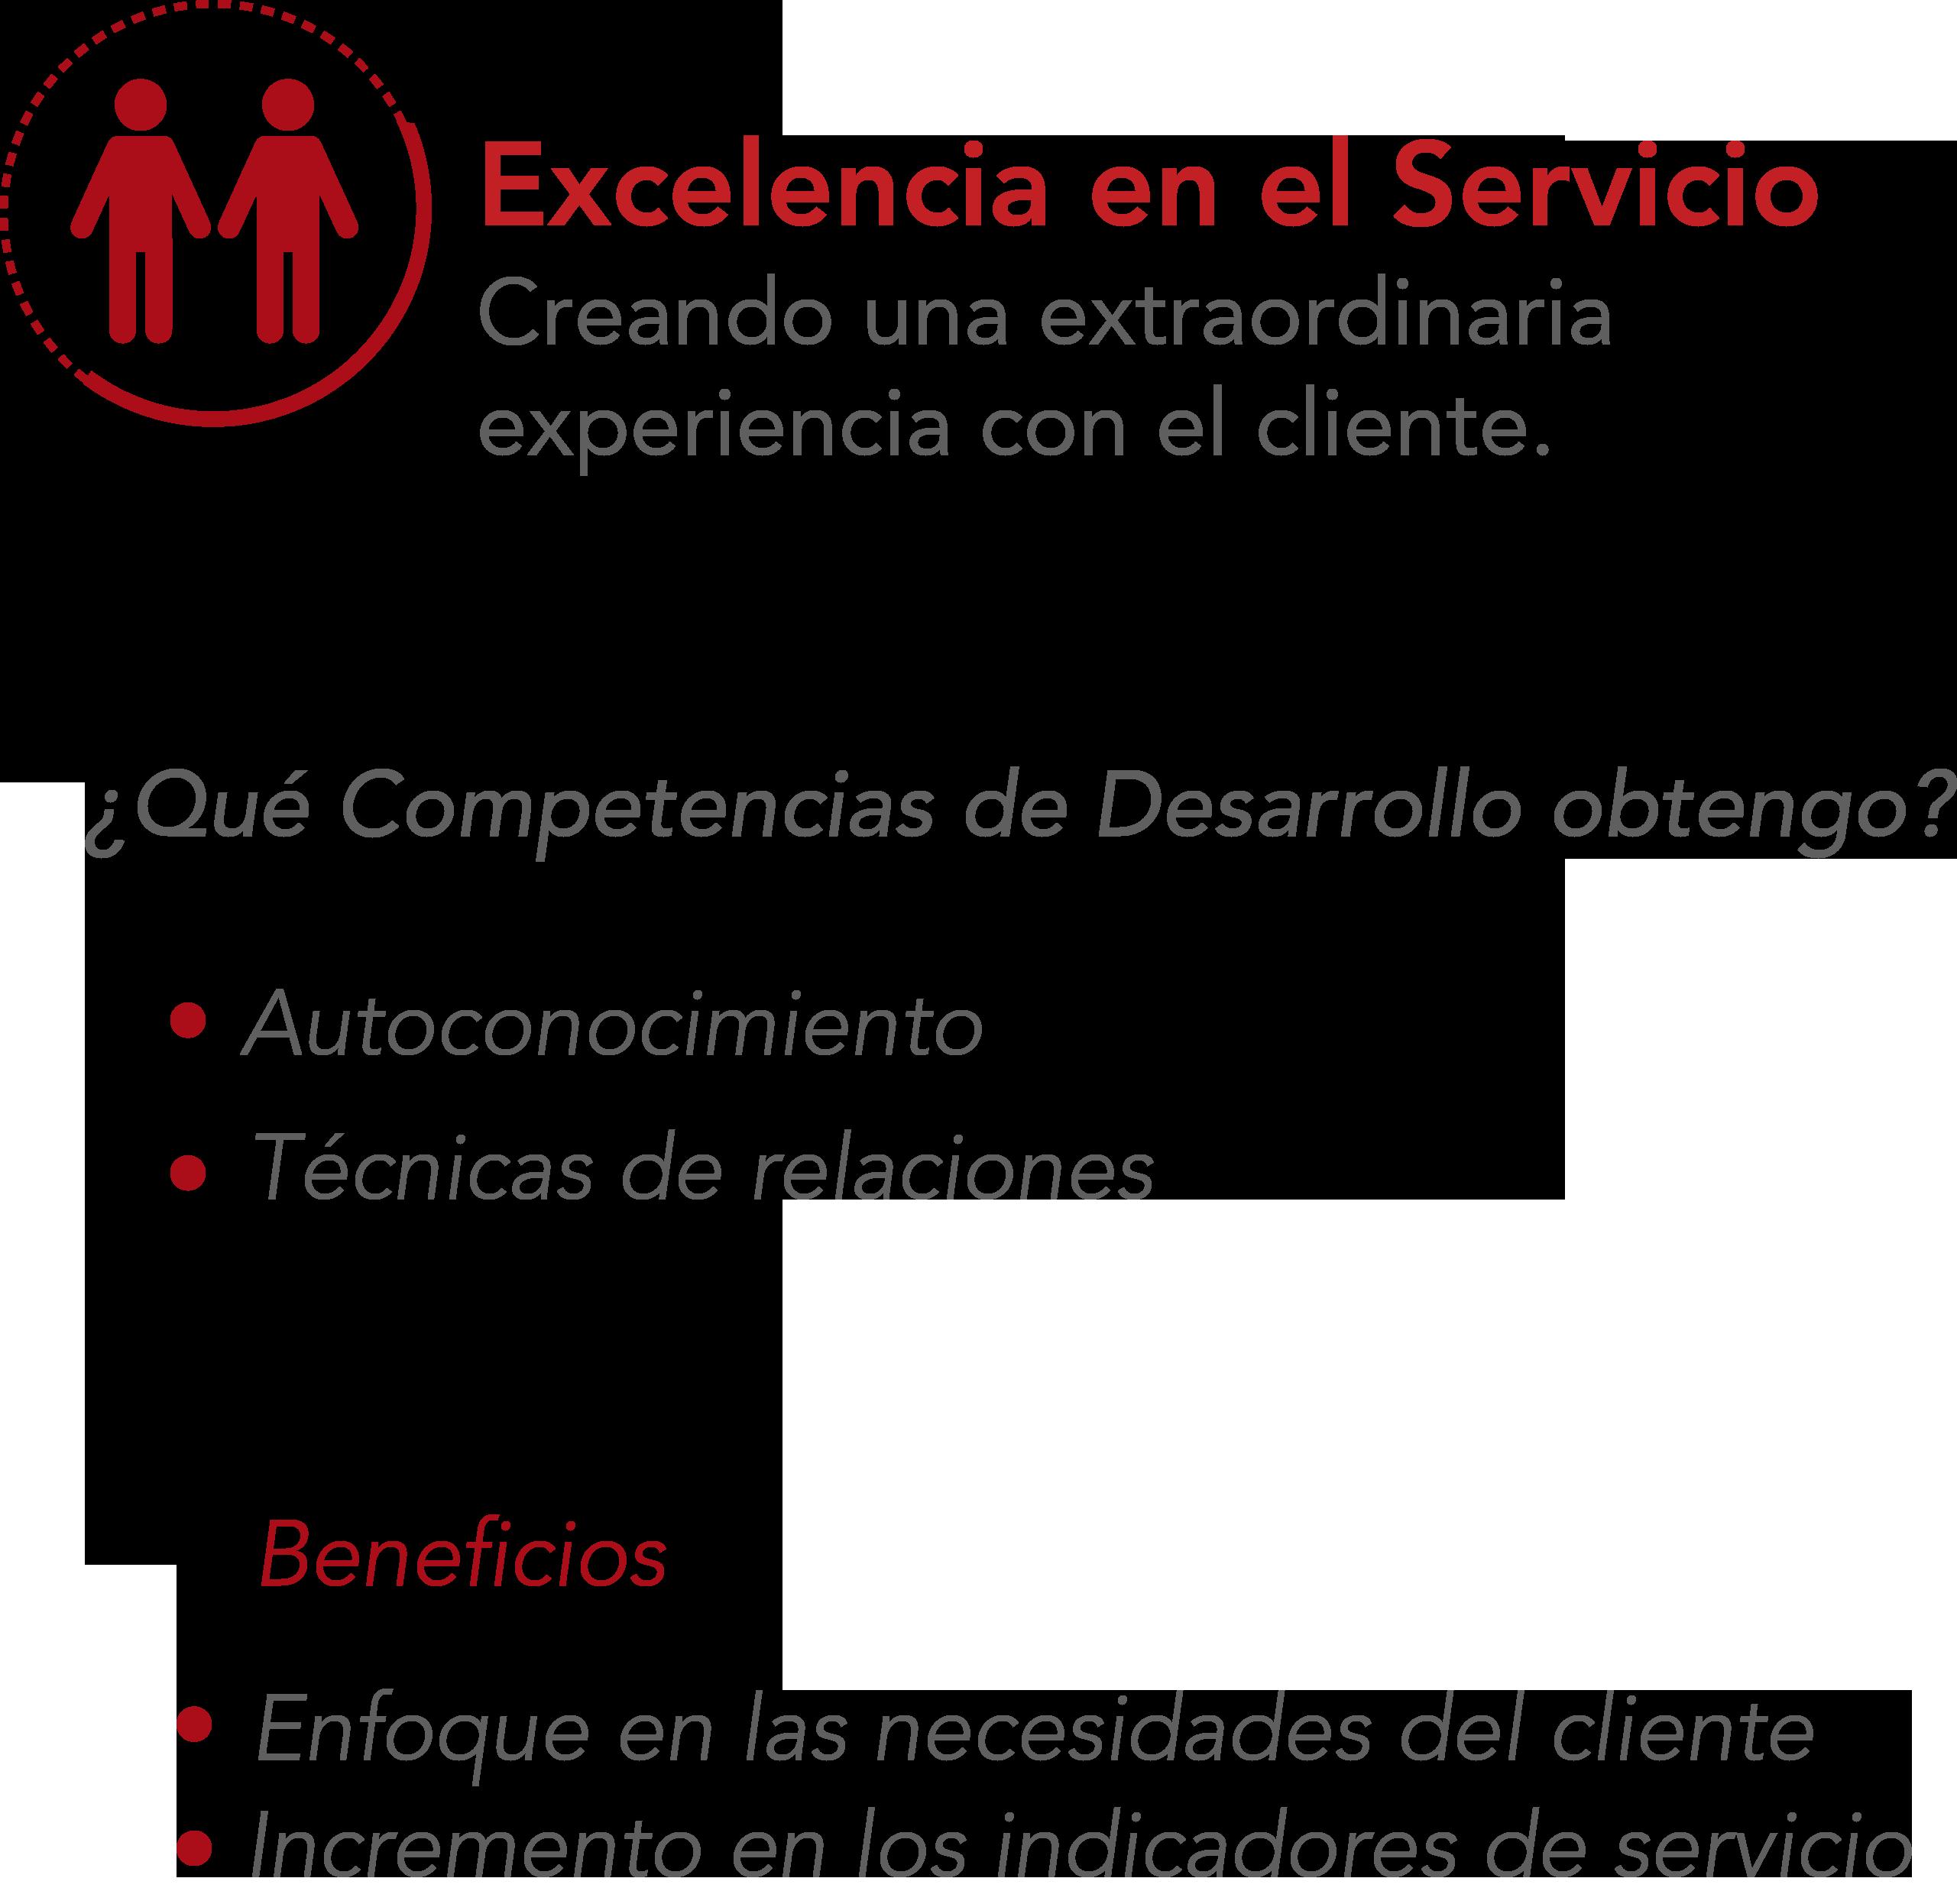 excelencia-servicio